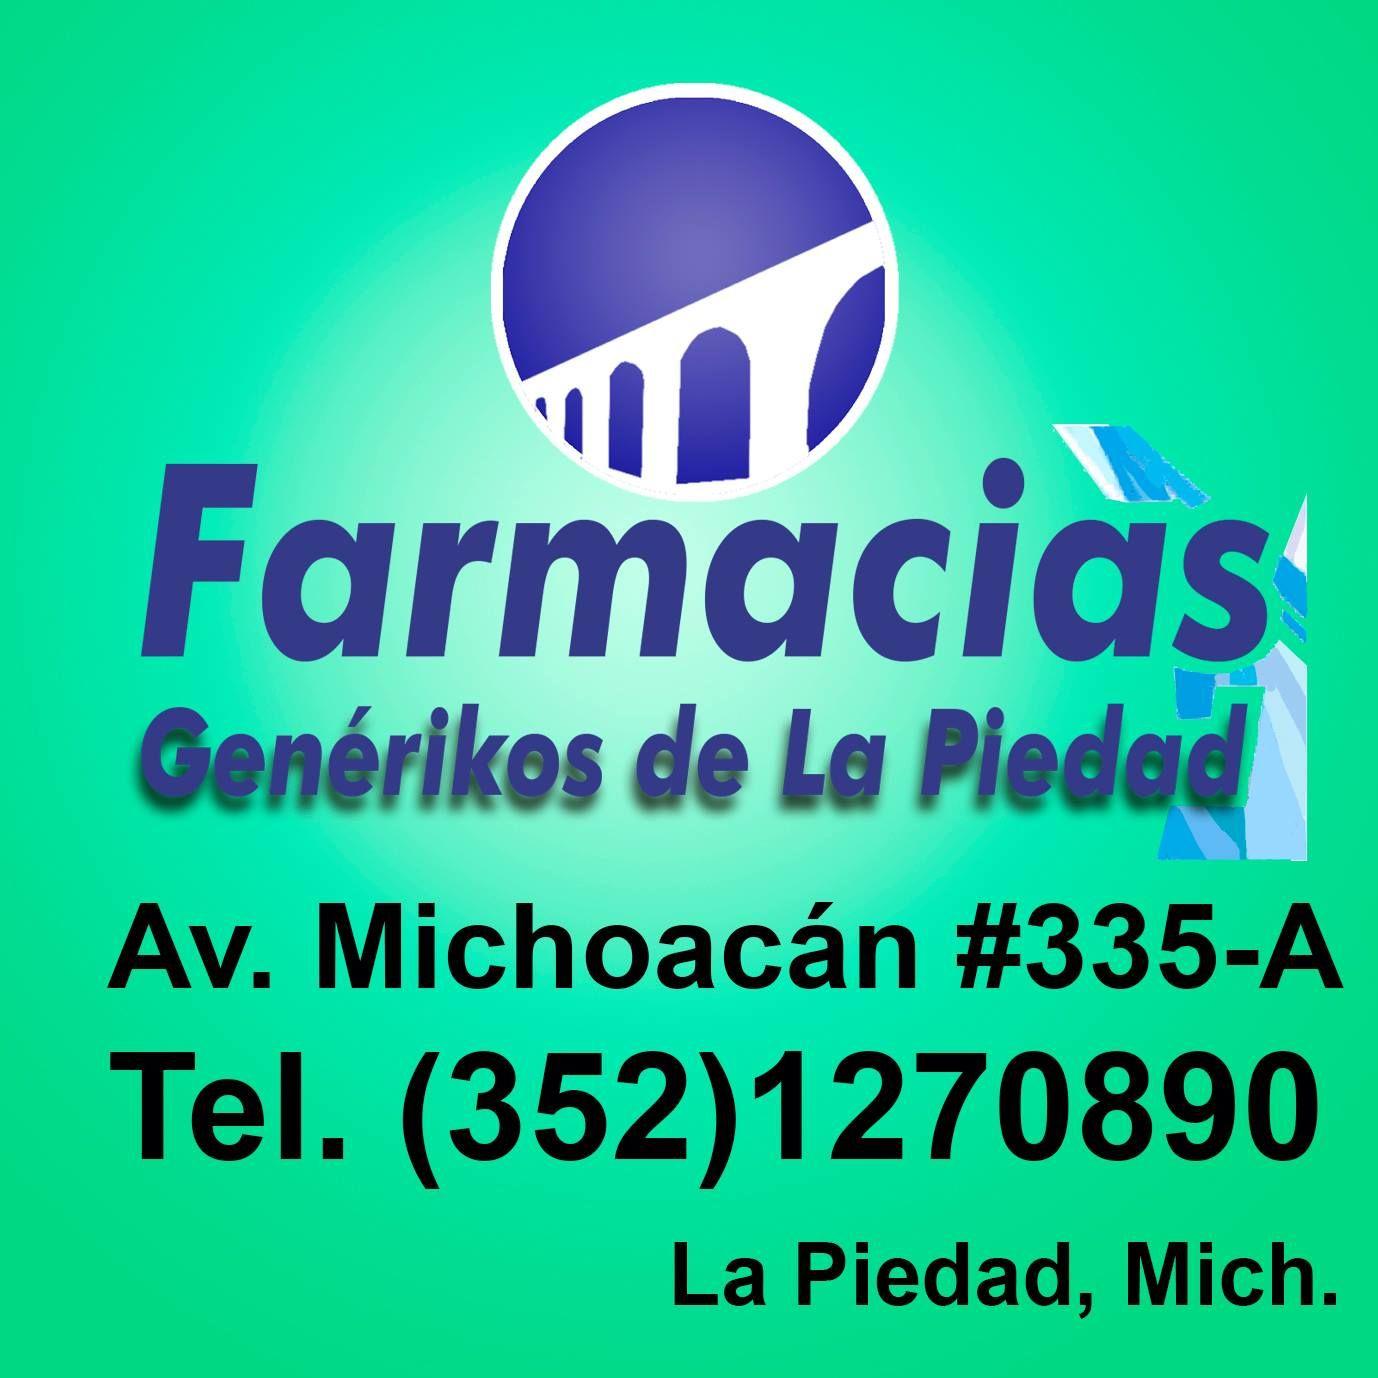 Farmacias Genérikos de La Piedad, con tu membresía de Cliente Consentido, te ofrecemos 10% de descuento.  Av. Michoacán #335-A  Tel. 352 127 0890  La Piedad, Mich.